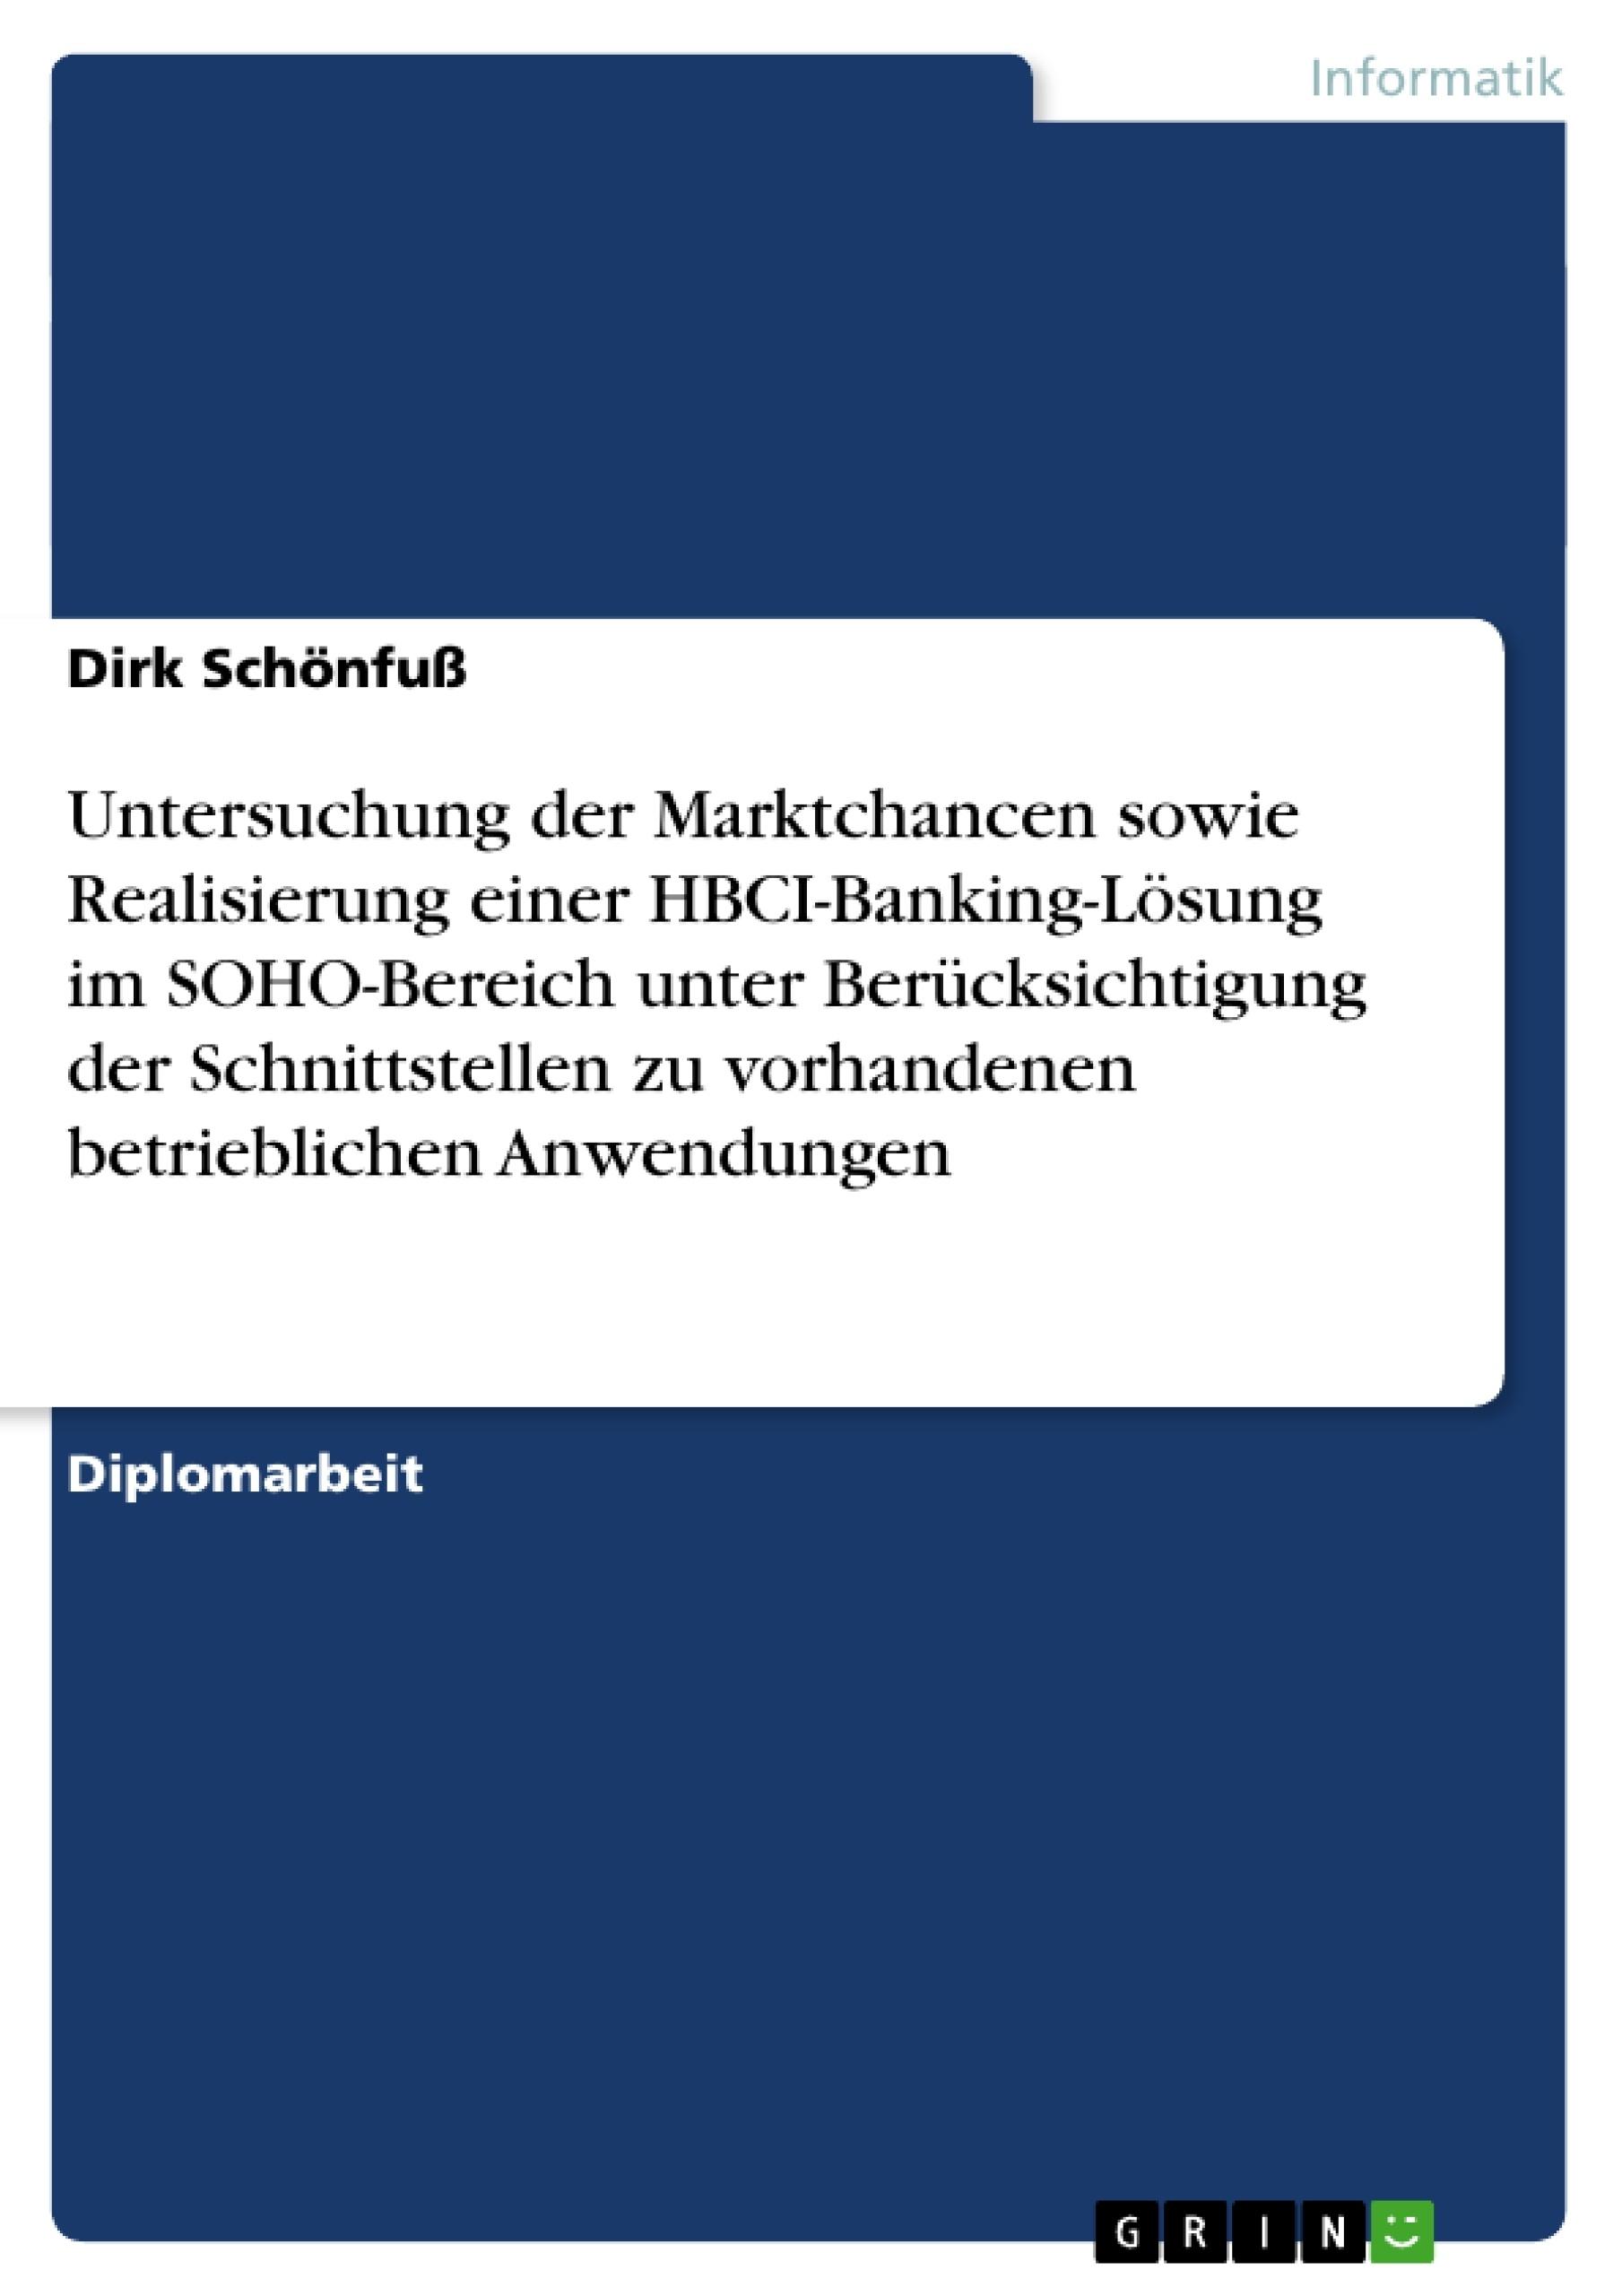 Titel: Untersuchung der Marktchancen sowie Realisierung einer HBCI-Banking-Lösung im SOHO-Bereich unter Berücksichtigung der Schnittstellen zu vorhandenen betrieblichen Anwendungen